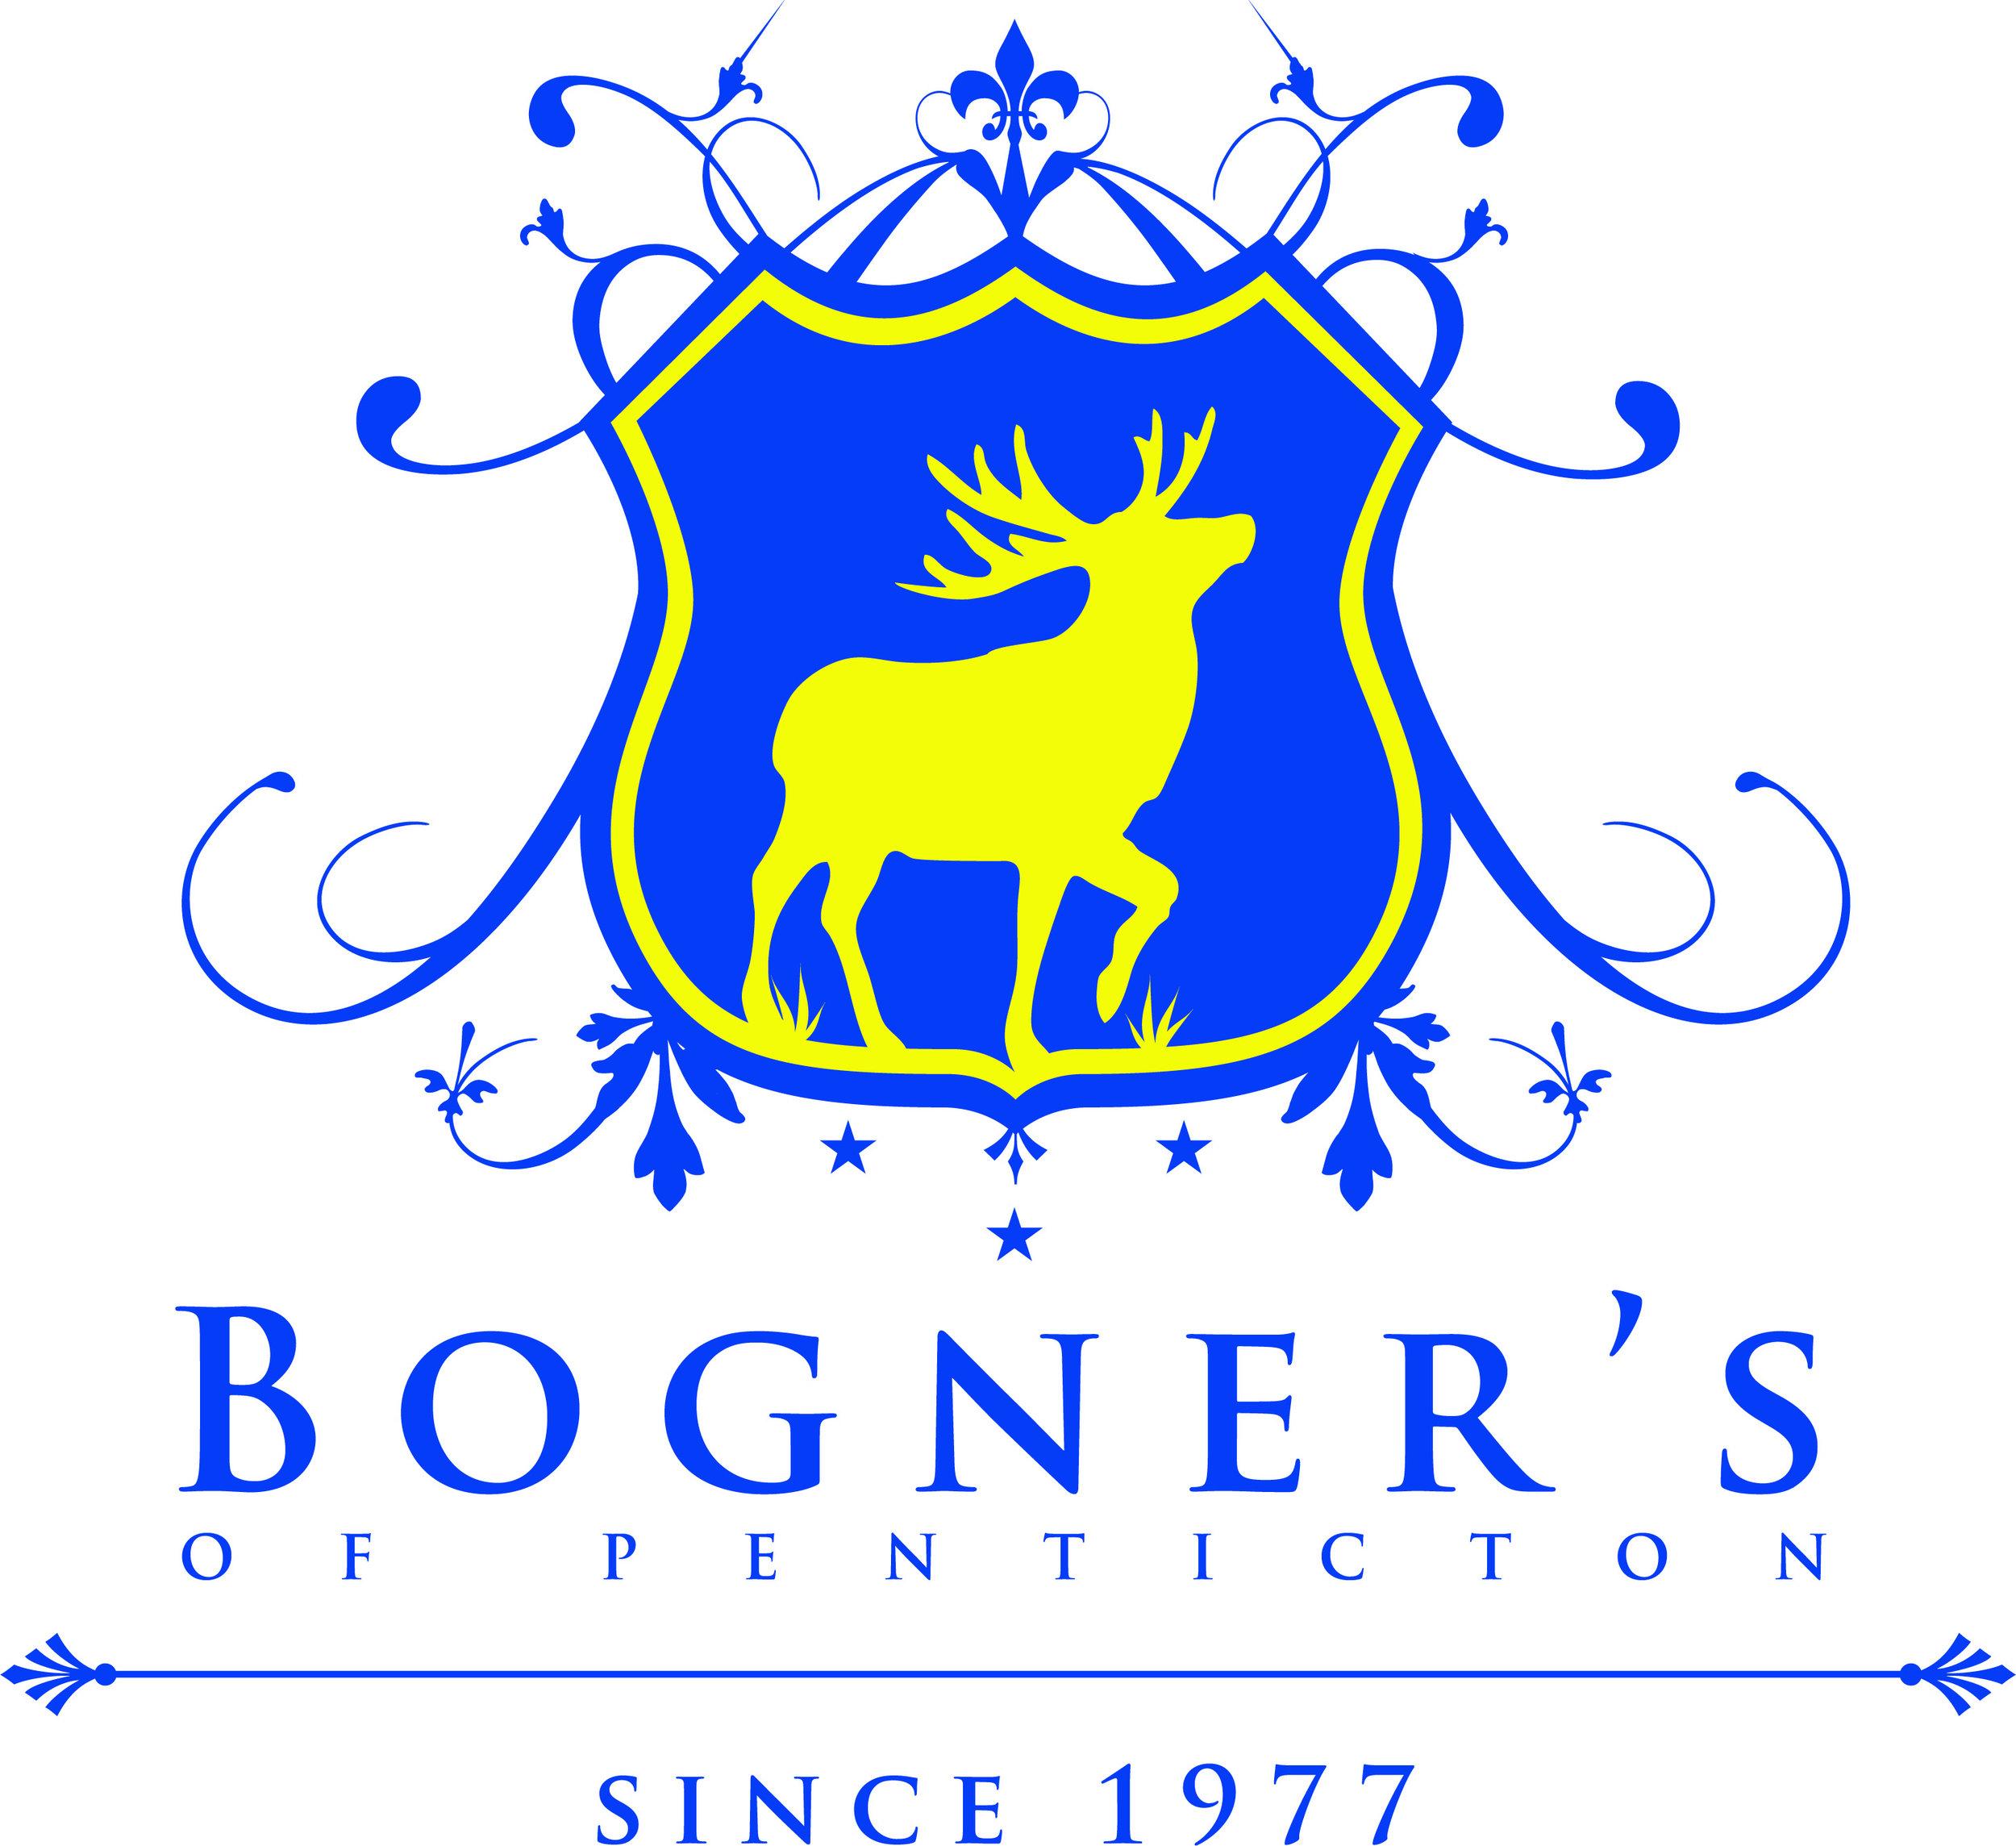 bogners-logo.jpg